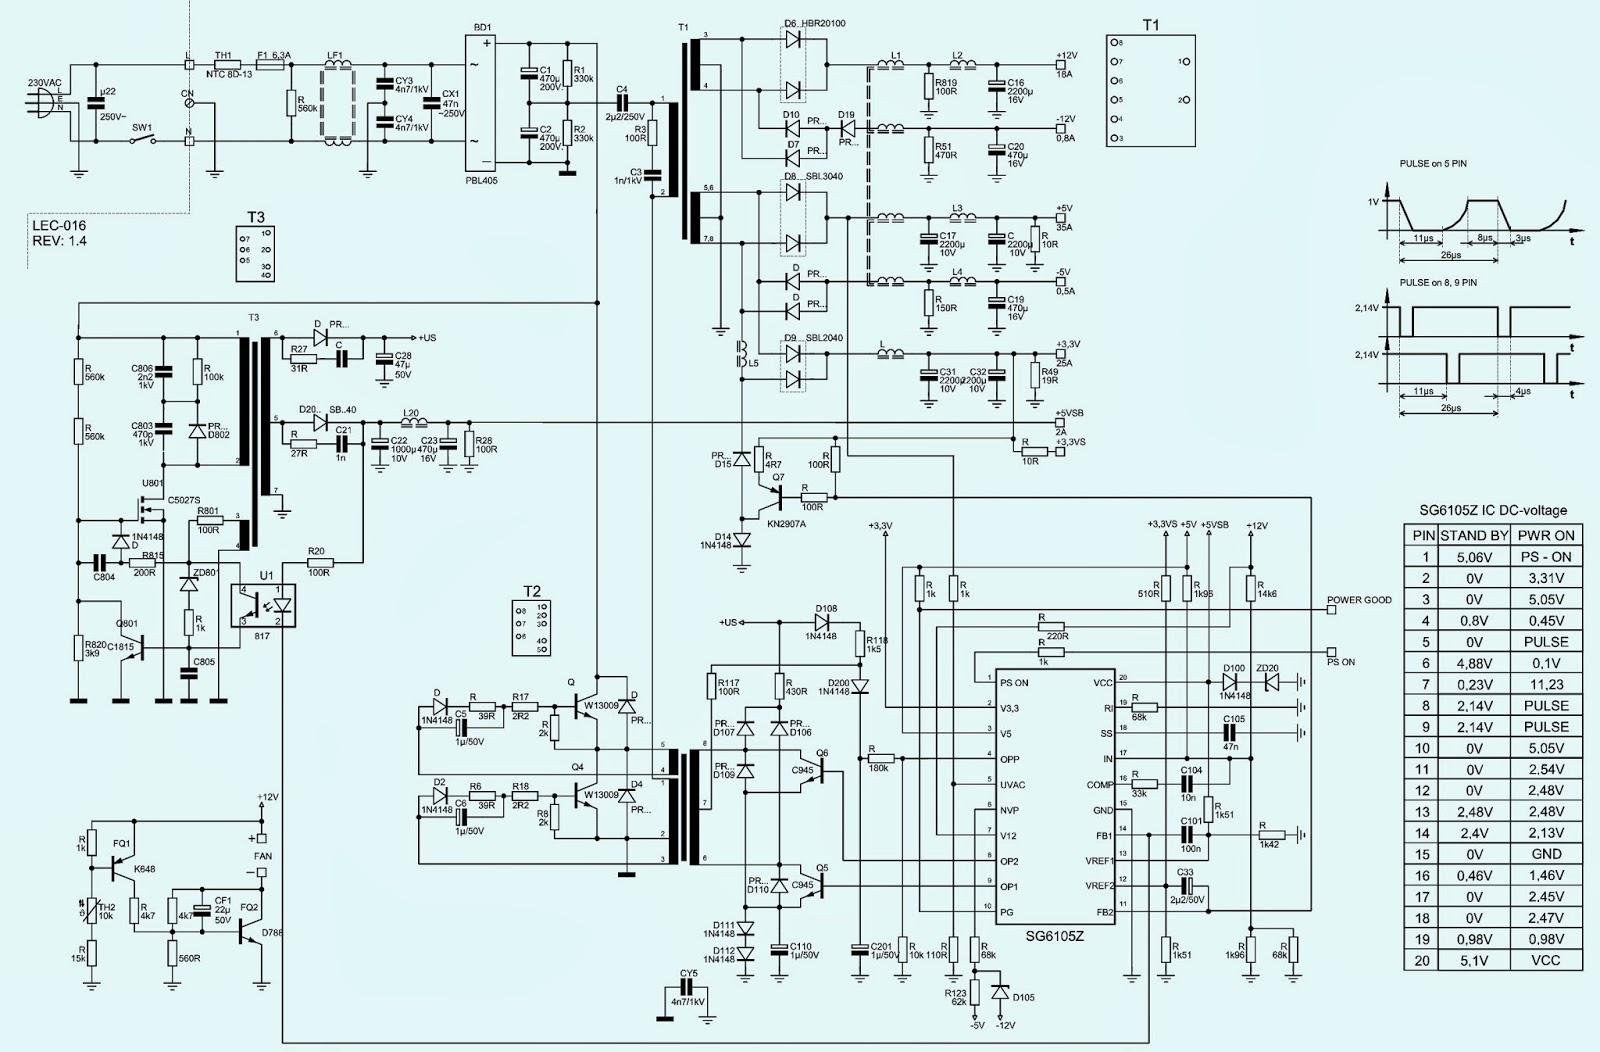 Electro help: KOBAP4450XA  450W ATX  POWER SUPPLY